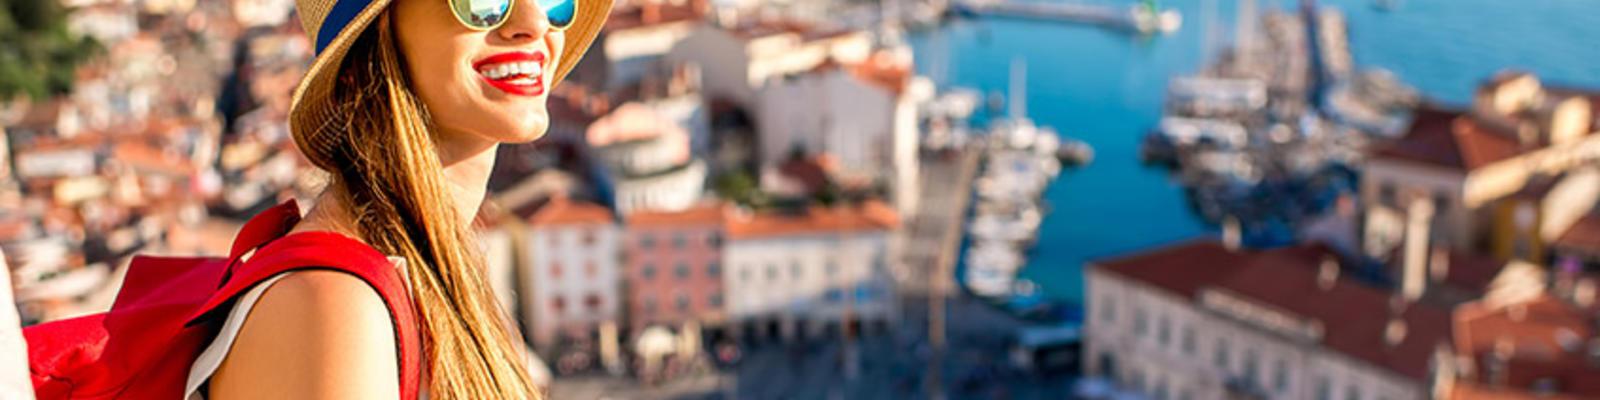 travel-tips-for-femalee-travellers.jpg